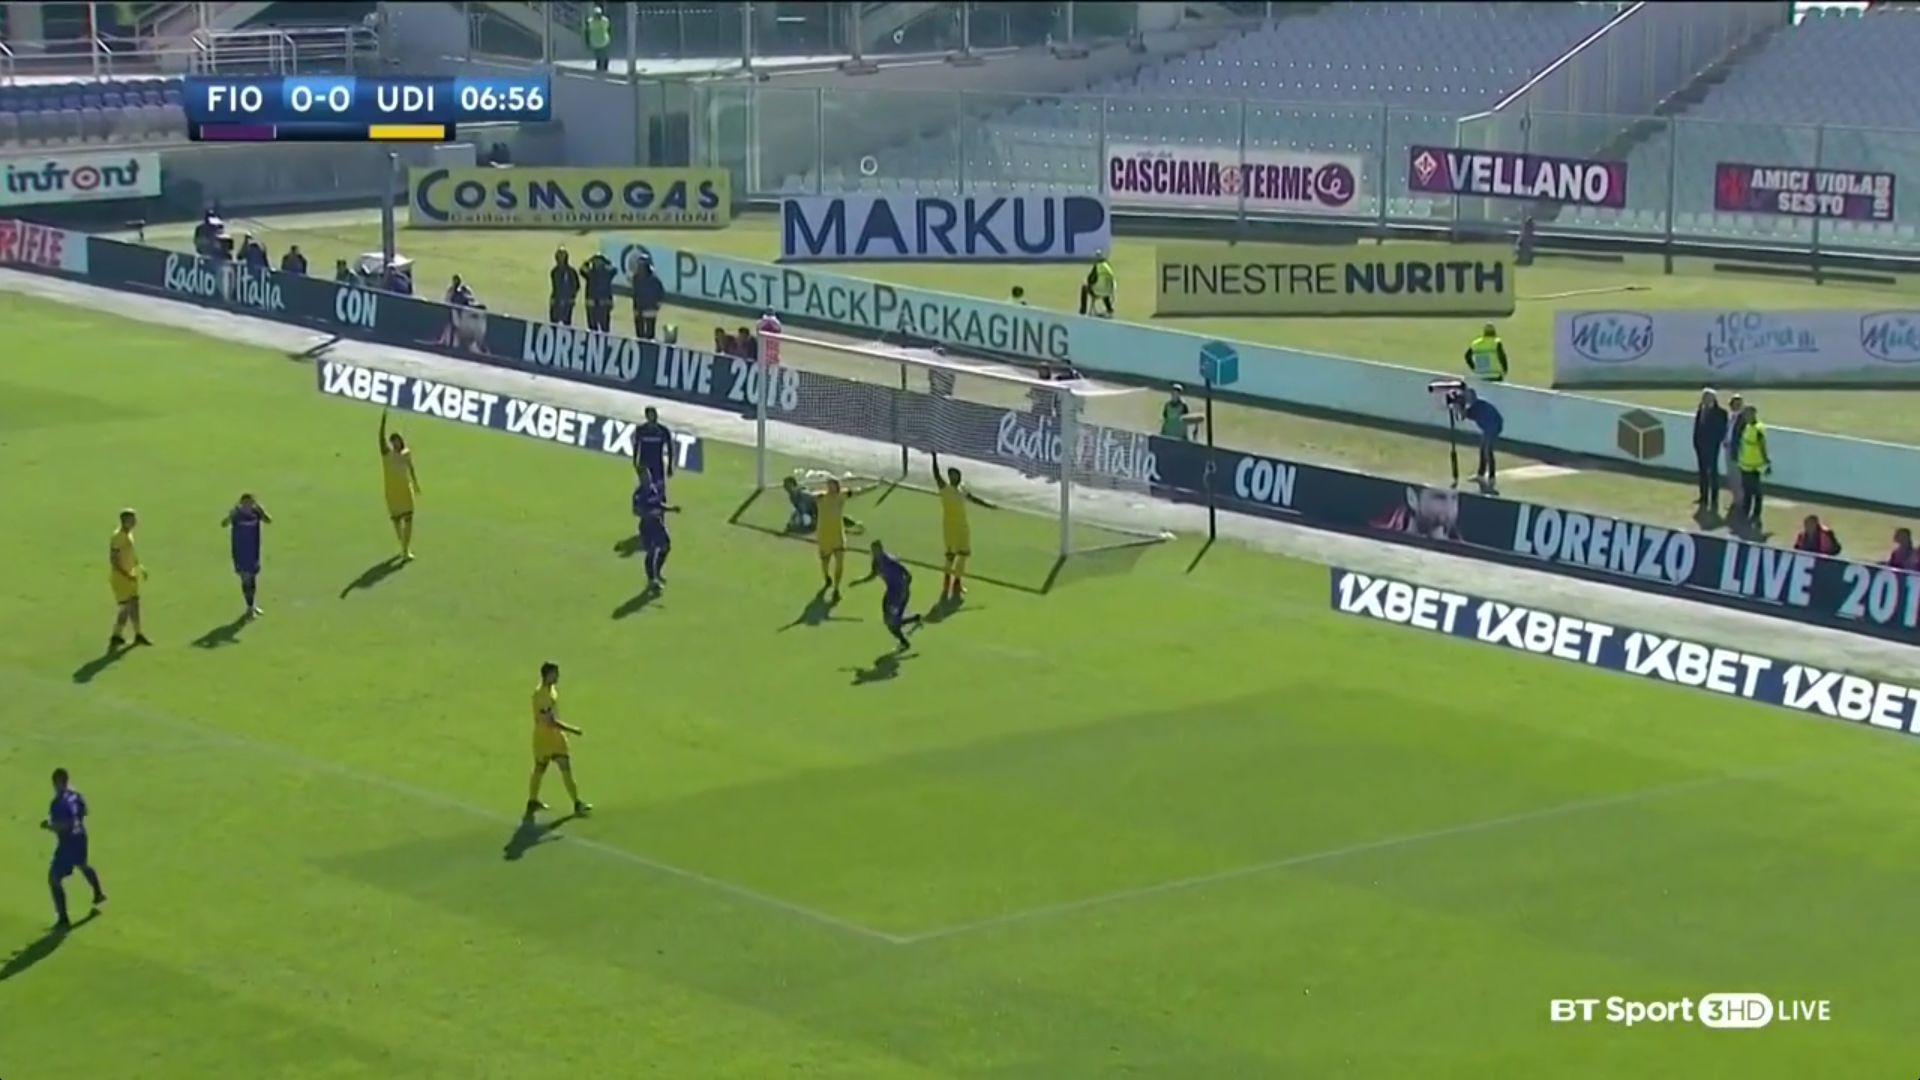 15-10-2017 - Fiorentina 2-1 Udinese